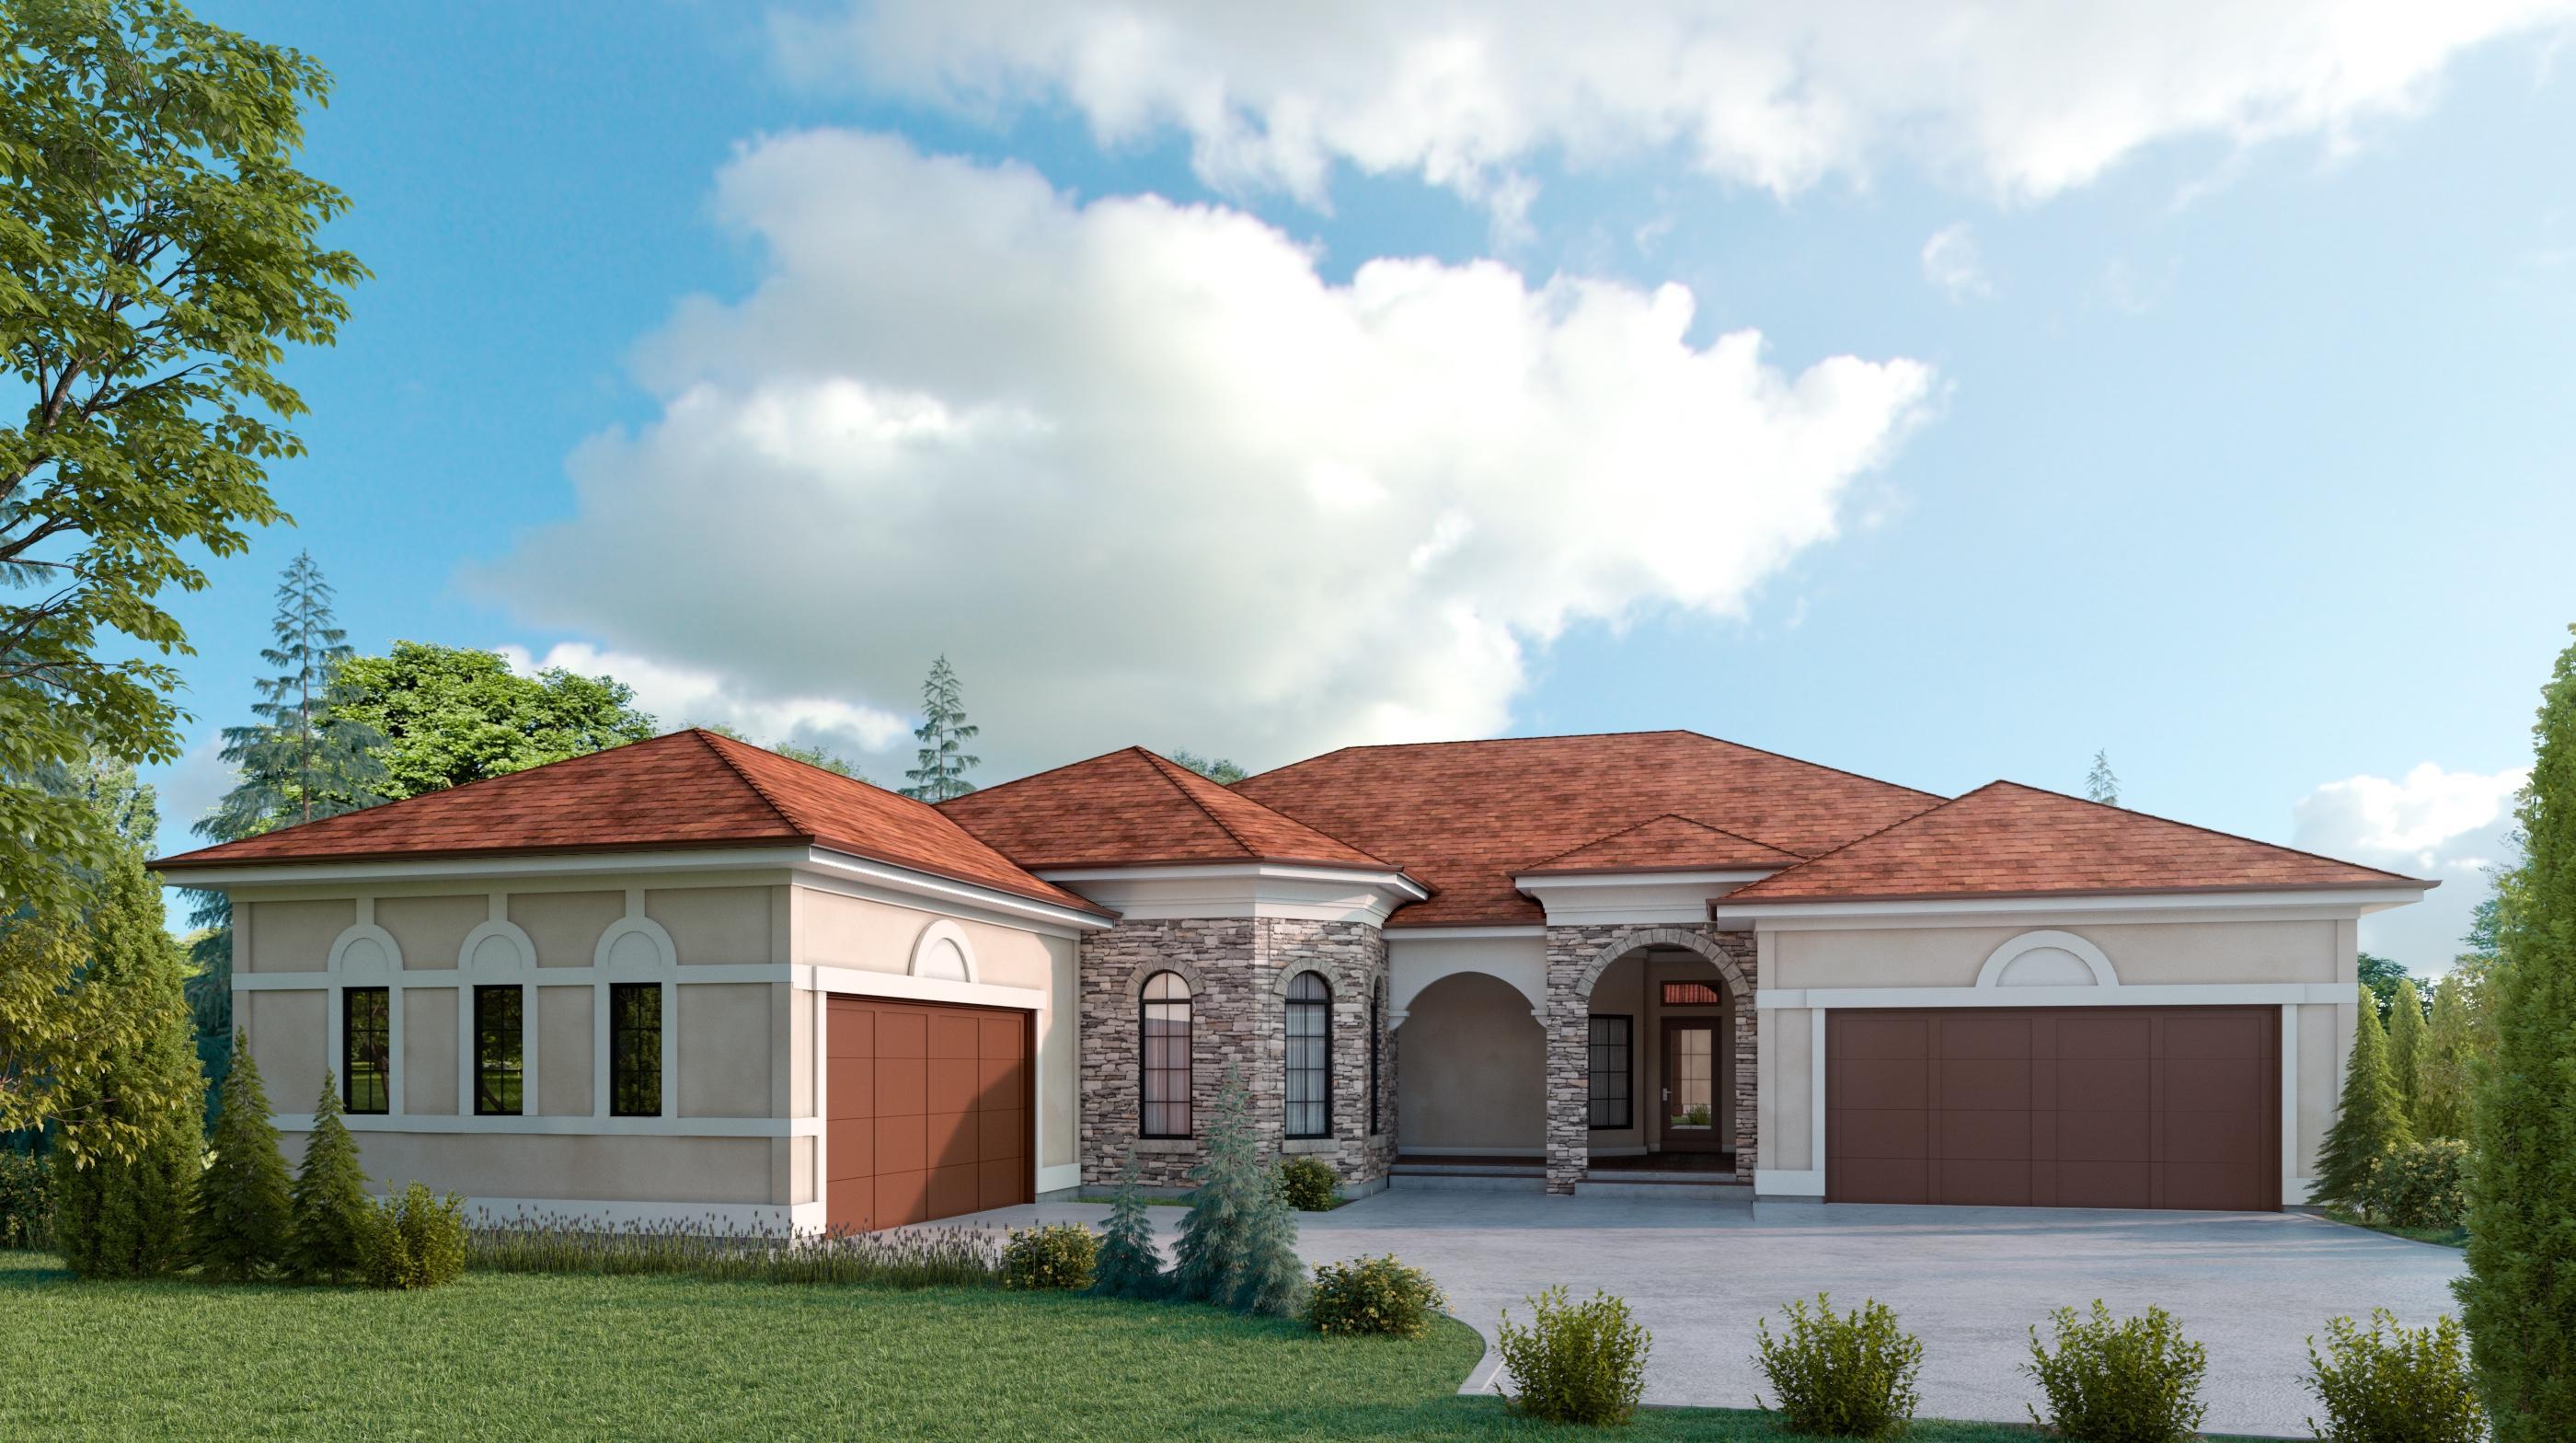 1633 Toscano Ter, Oconomowoc, Wisconsin 53066, 2 Bedrooms Bedrooms, ,3 BathroomsBathrooms,Condominiums,For Sale,Toscano Ter,1,1706953